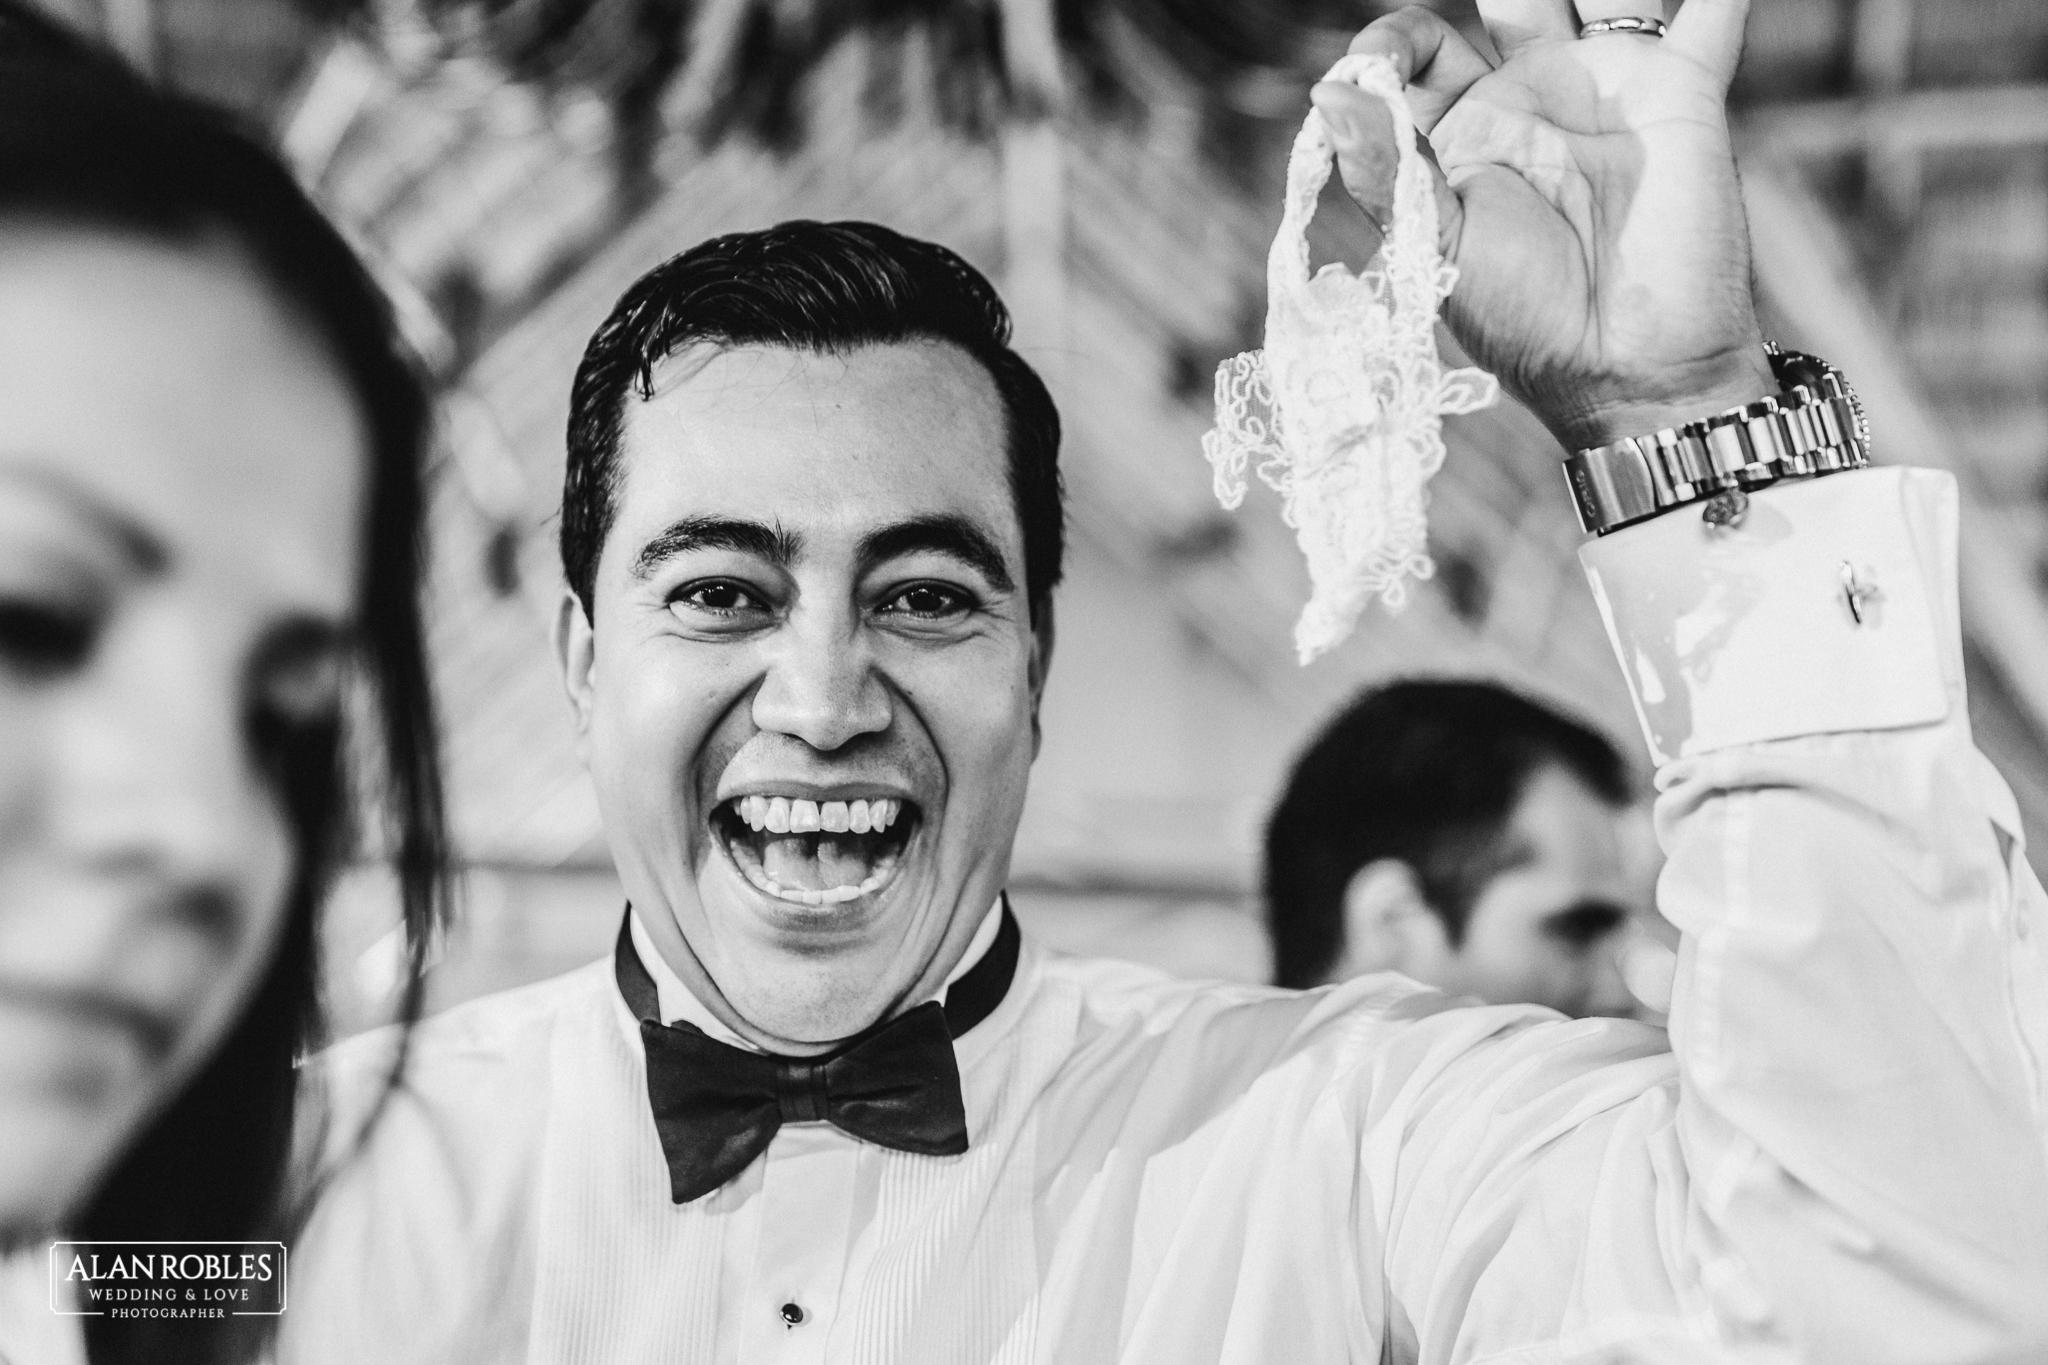 Wedding Moments. Novio con la liga, sonriendo en Hacienda Los Pozos. Alan Robles, El mejor fotografo de Bodas en Guadalajara.